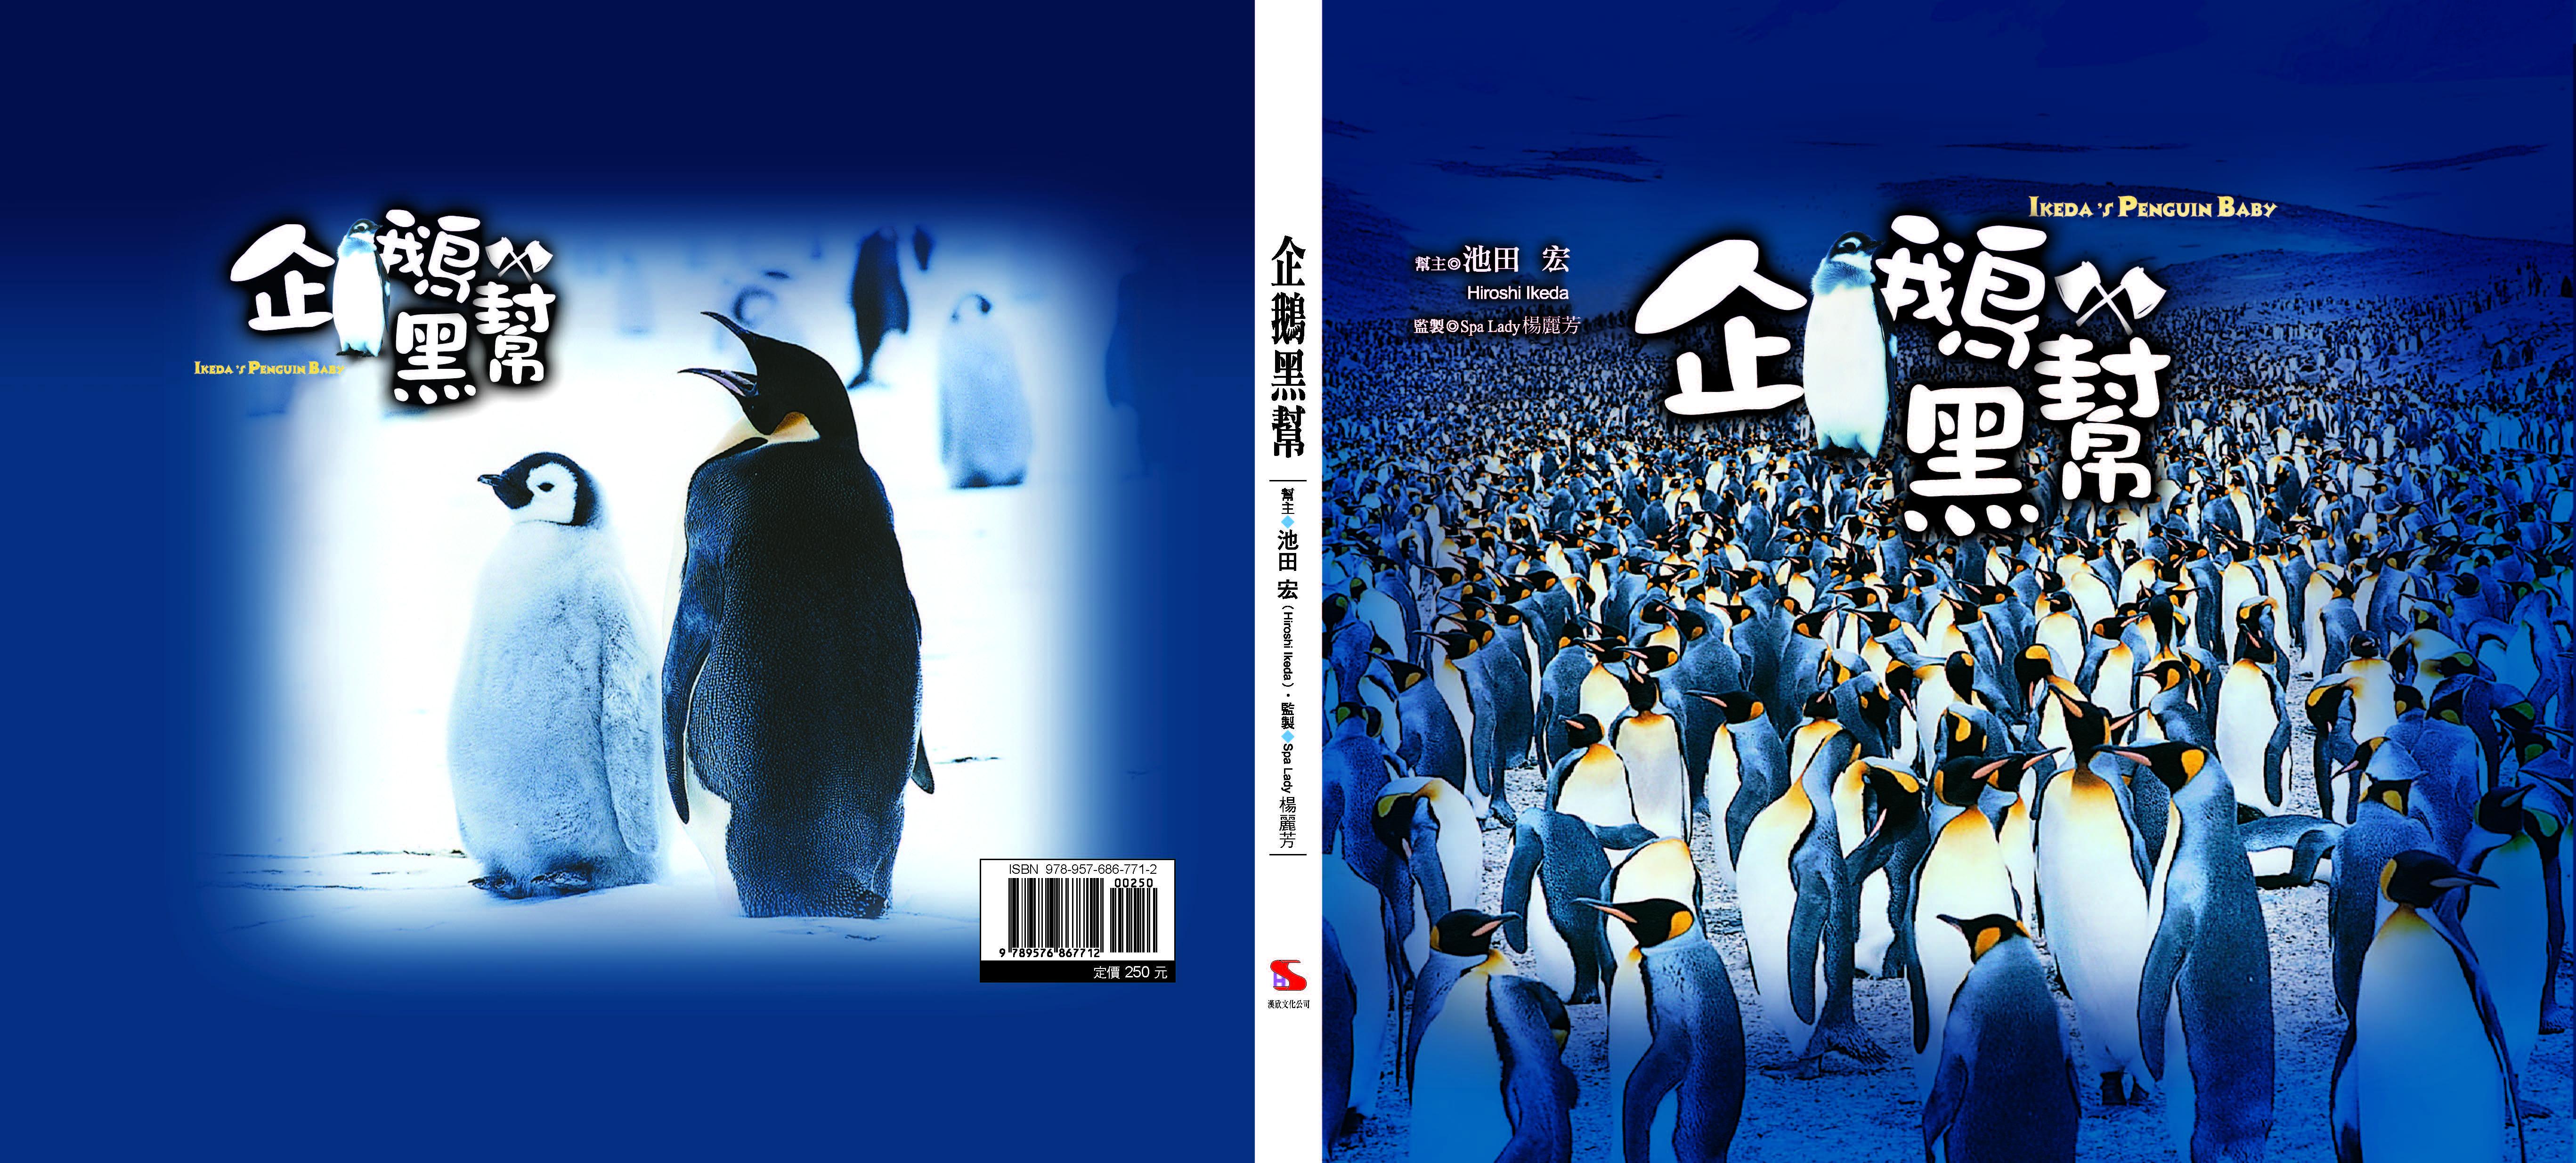 企鵝黑幫 (1)